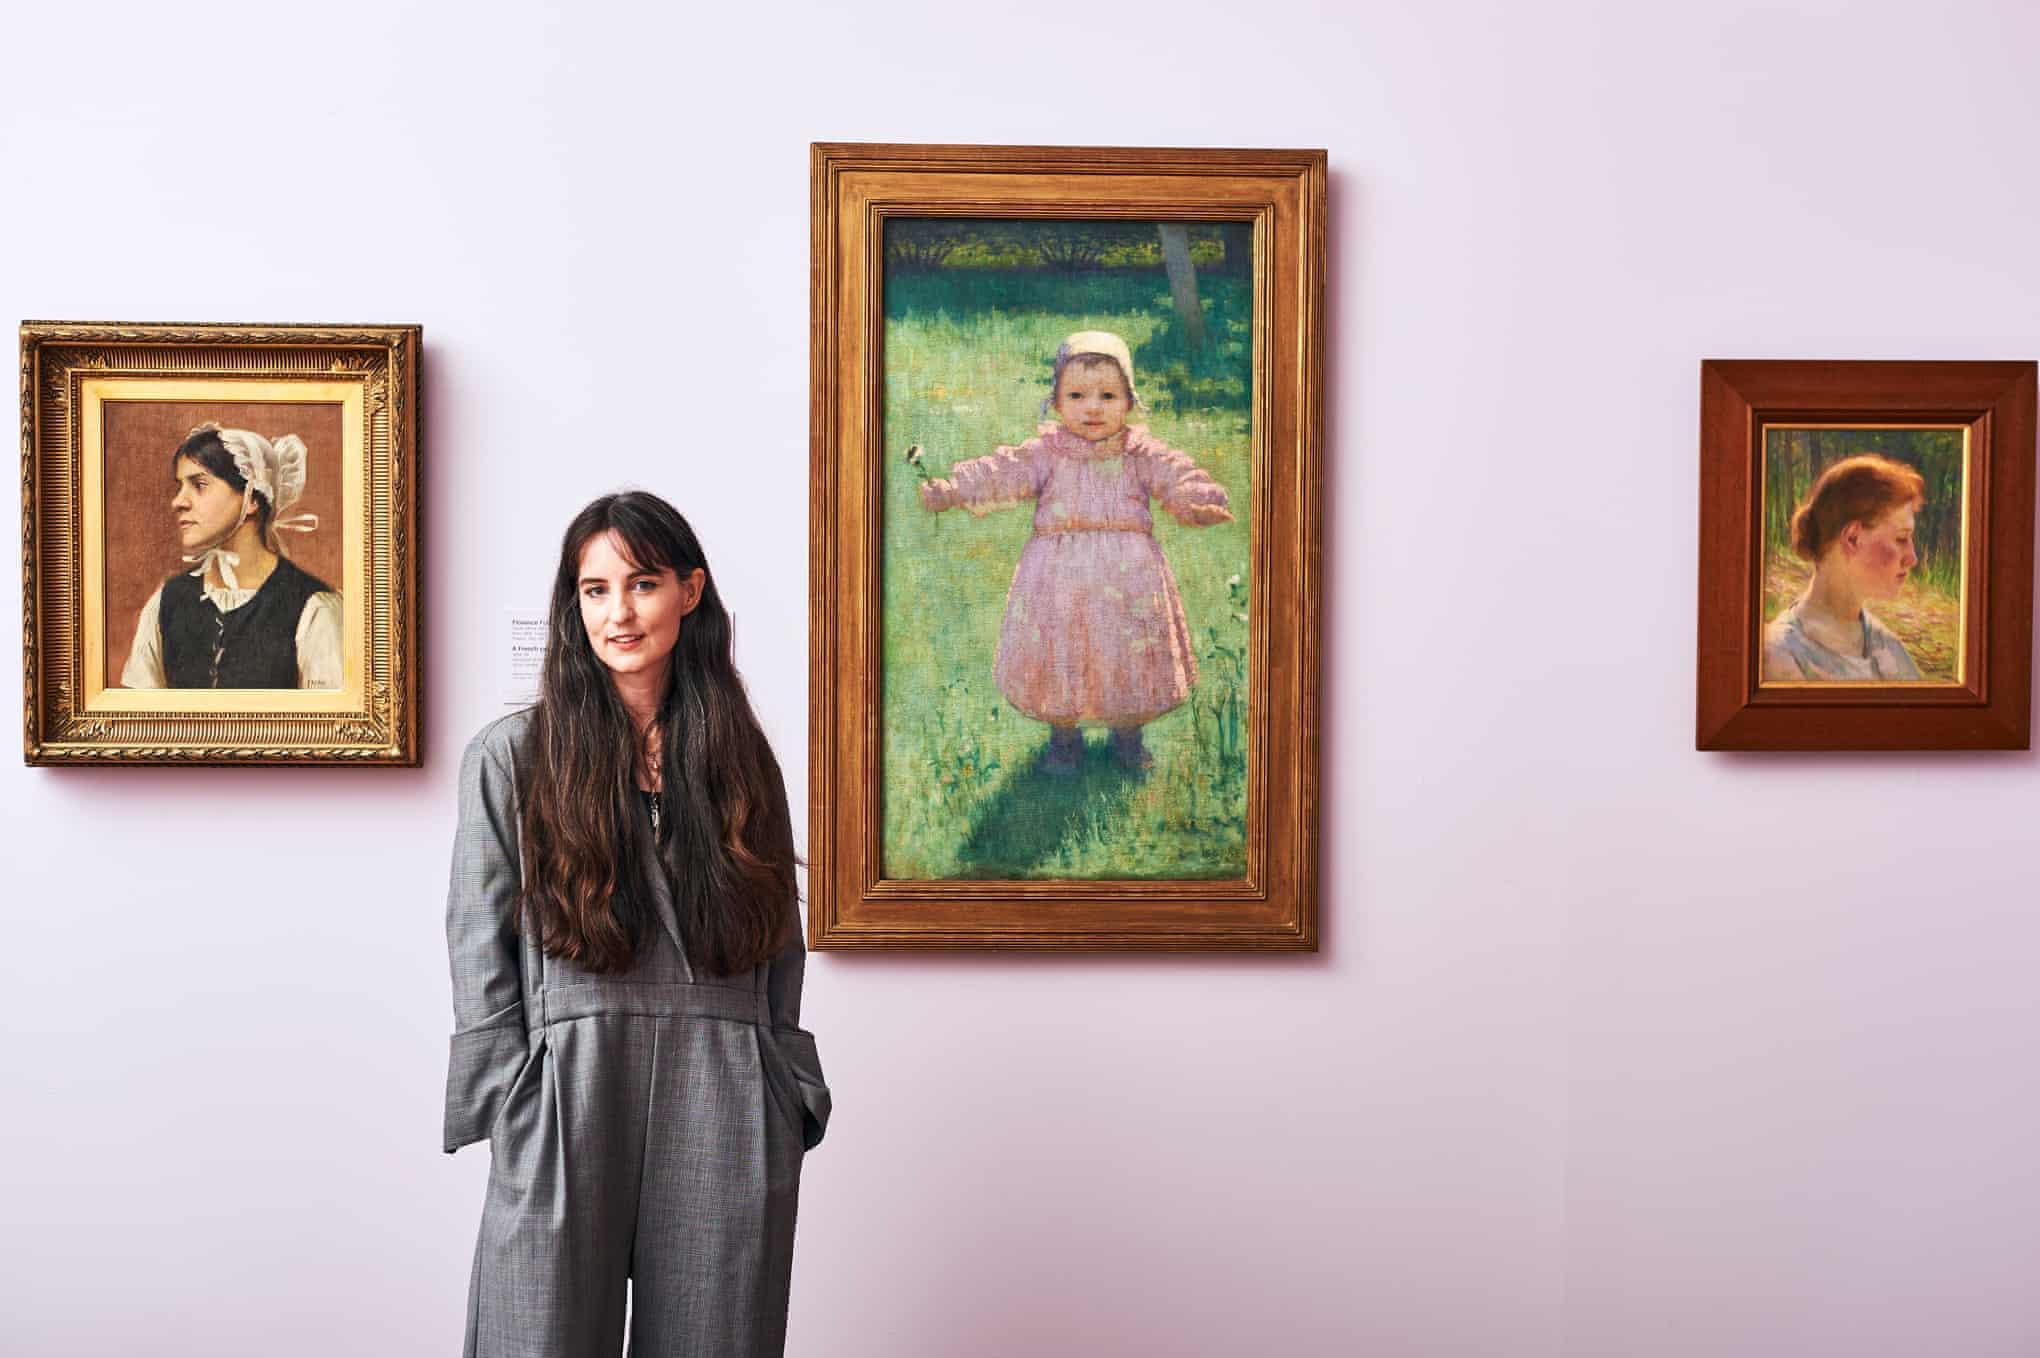 展览策展人安吉拉·赫森在作品前